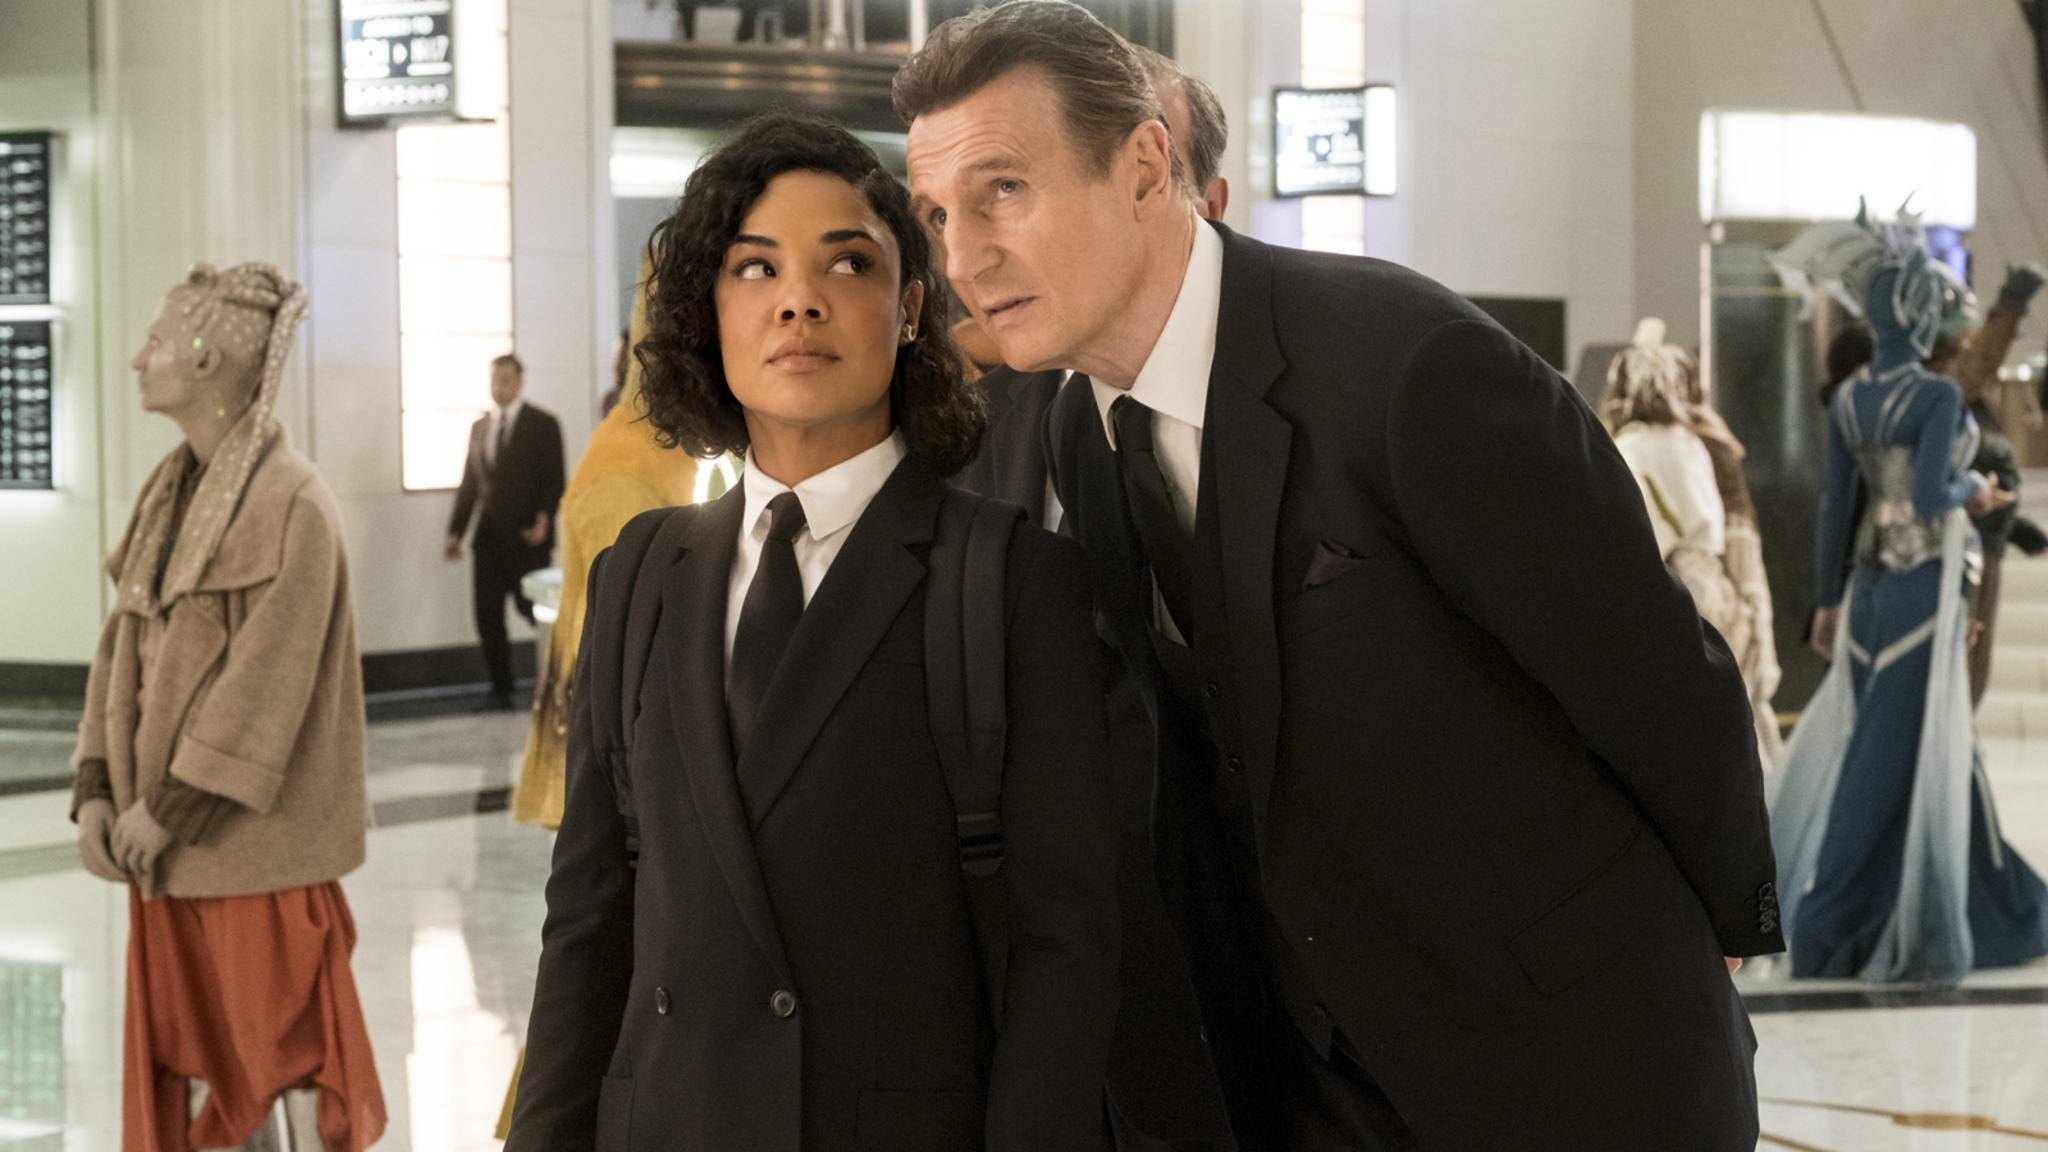 """Ein Franchise kommt selten allein: Liam Neeson mischt nach """"Men in Black"""" auch bei """"Kingsman"""" mit."""